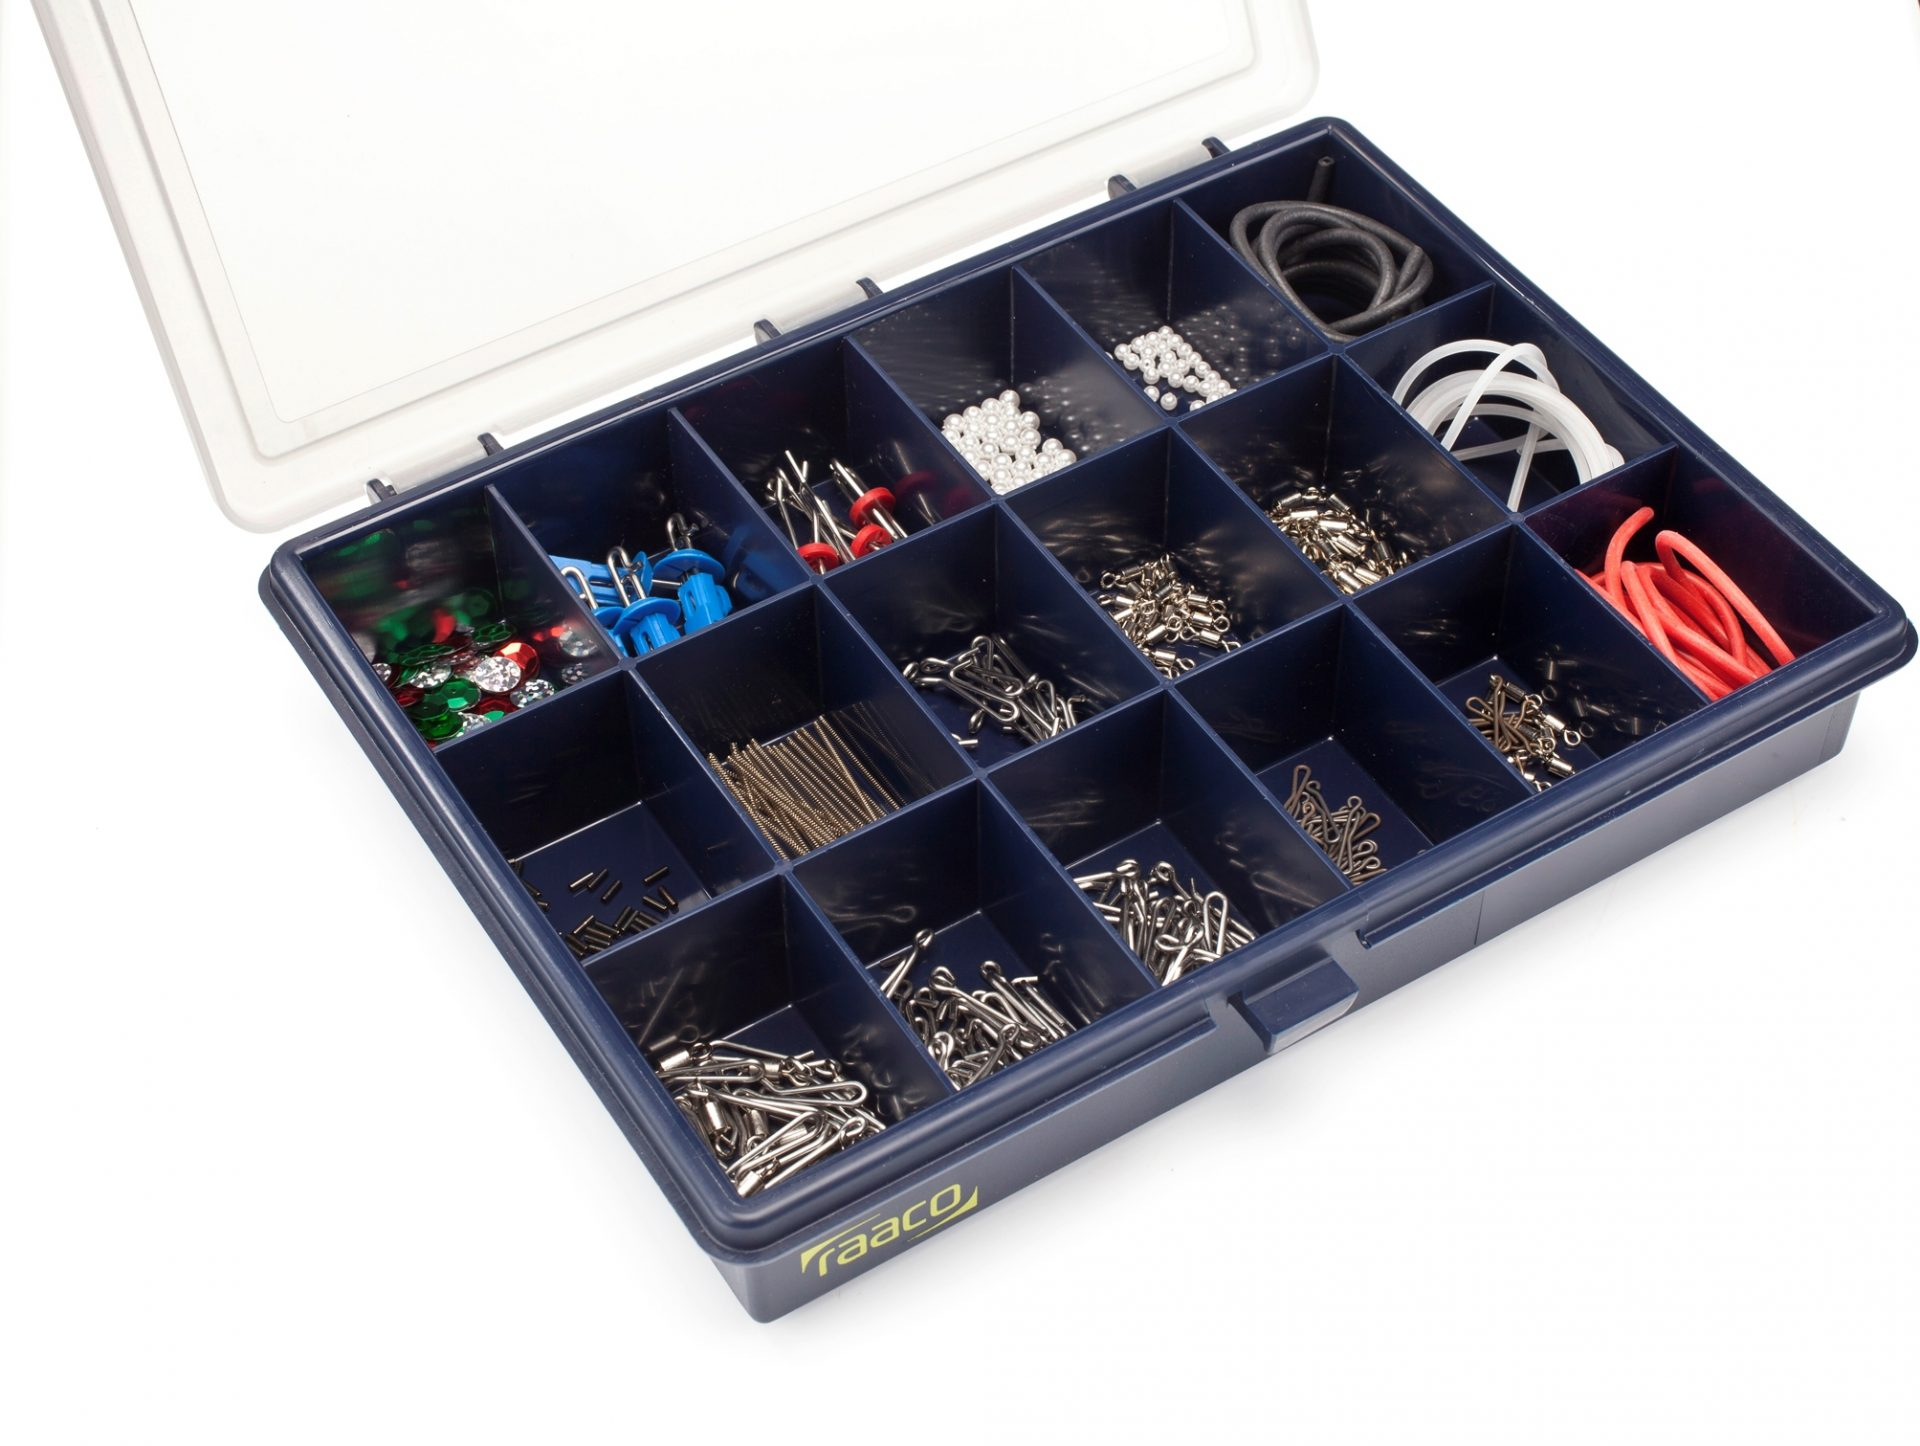 Rig Building Box 1